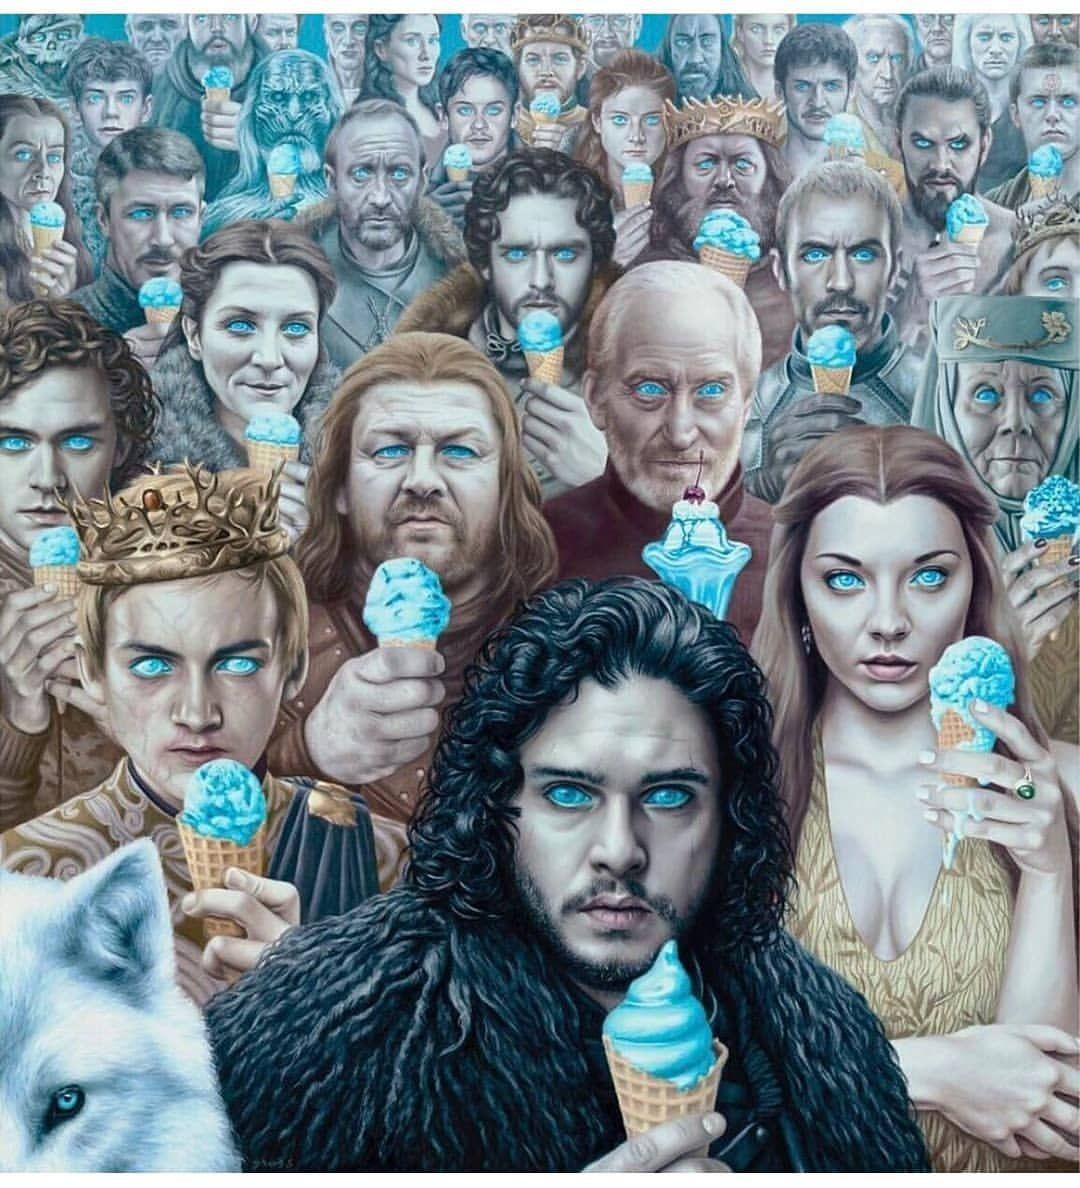 Épinglé par Alaska sur Game of Thrones - Le trône de fer ...